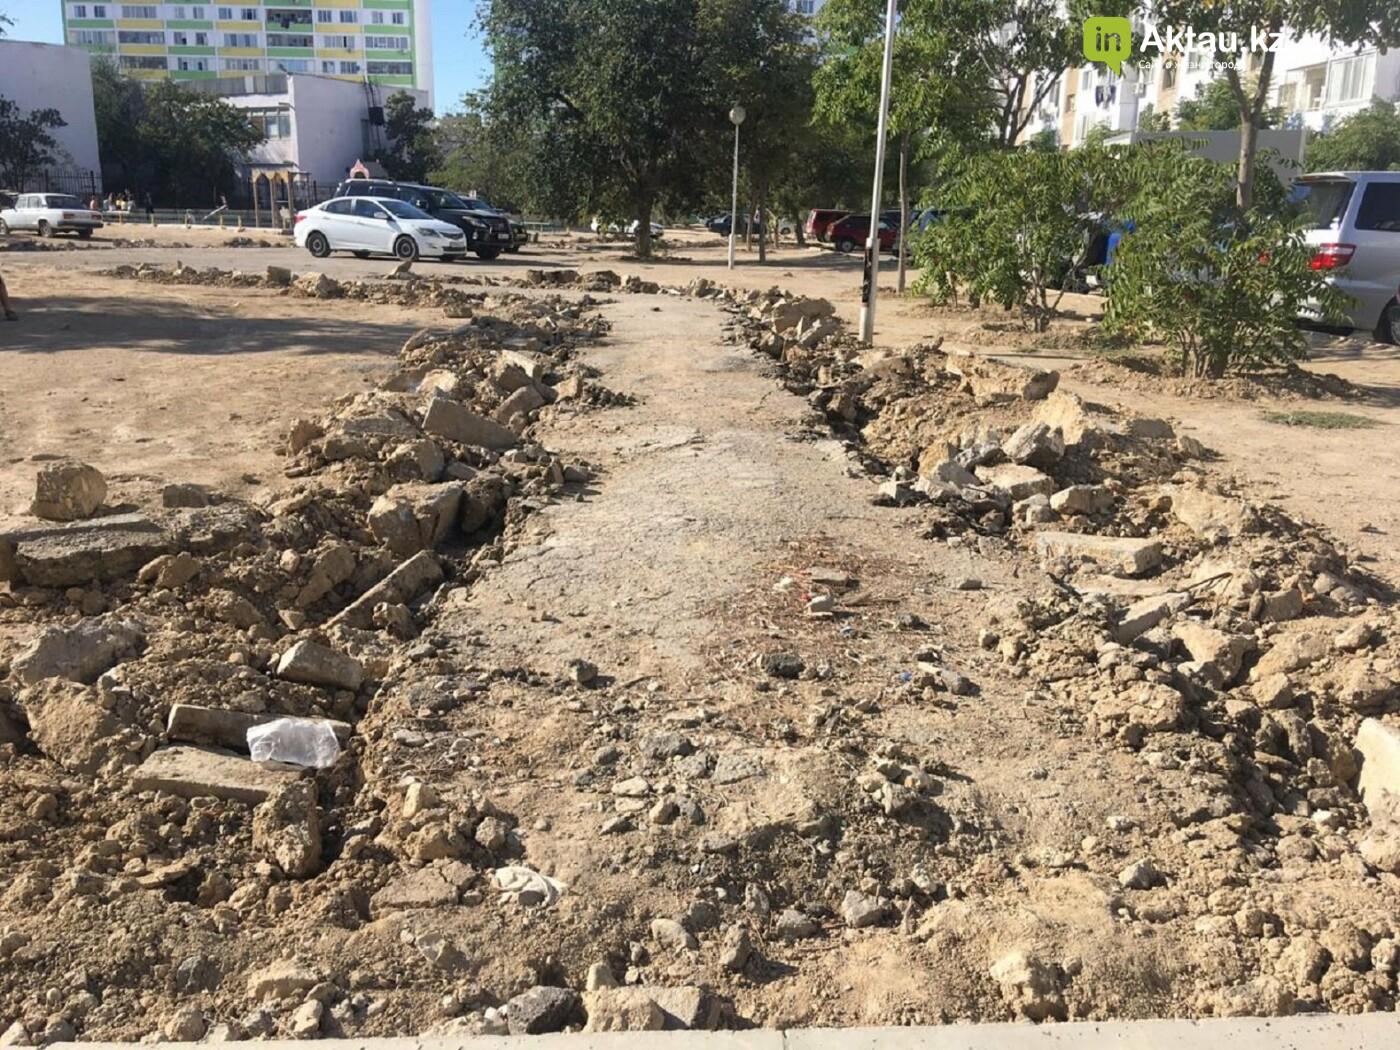 Долгий ремонт: инициативная группа актаусцев возмутилась темпами благоустройства микрорайонов, фото-1